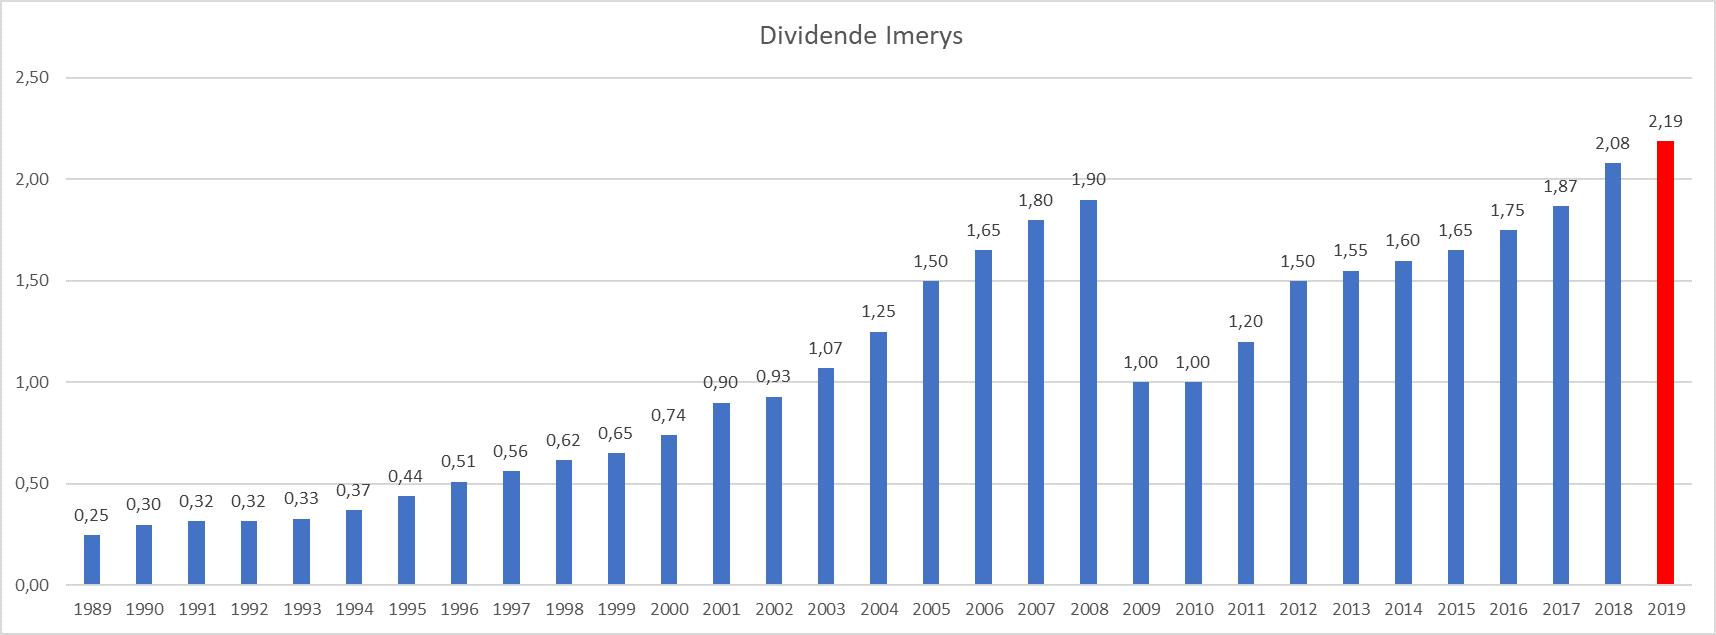 dividende Imerys